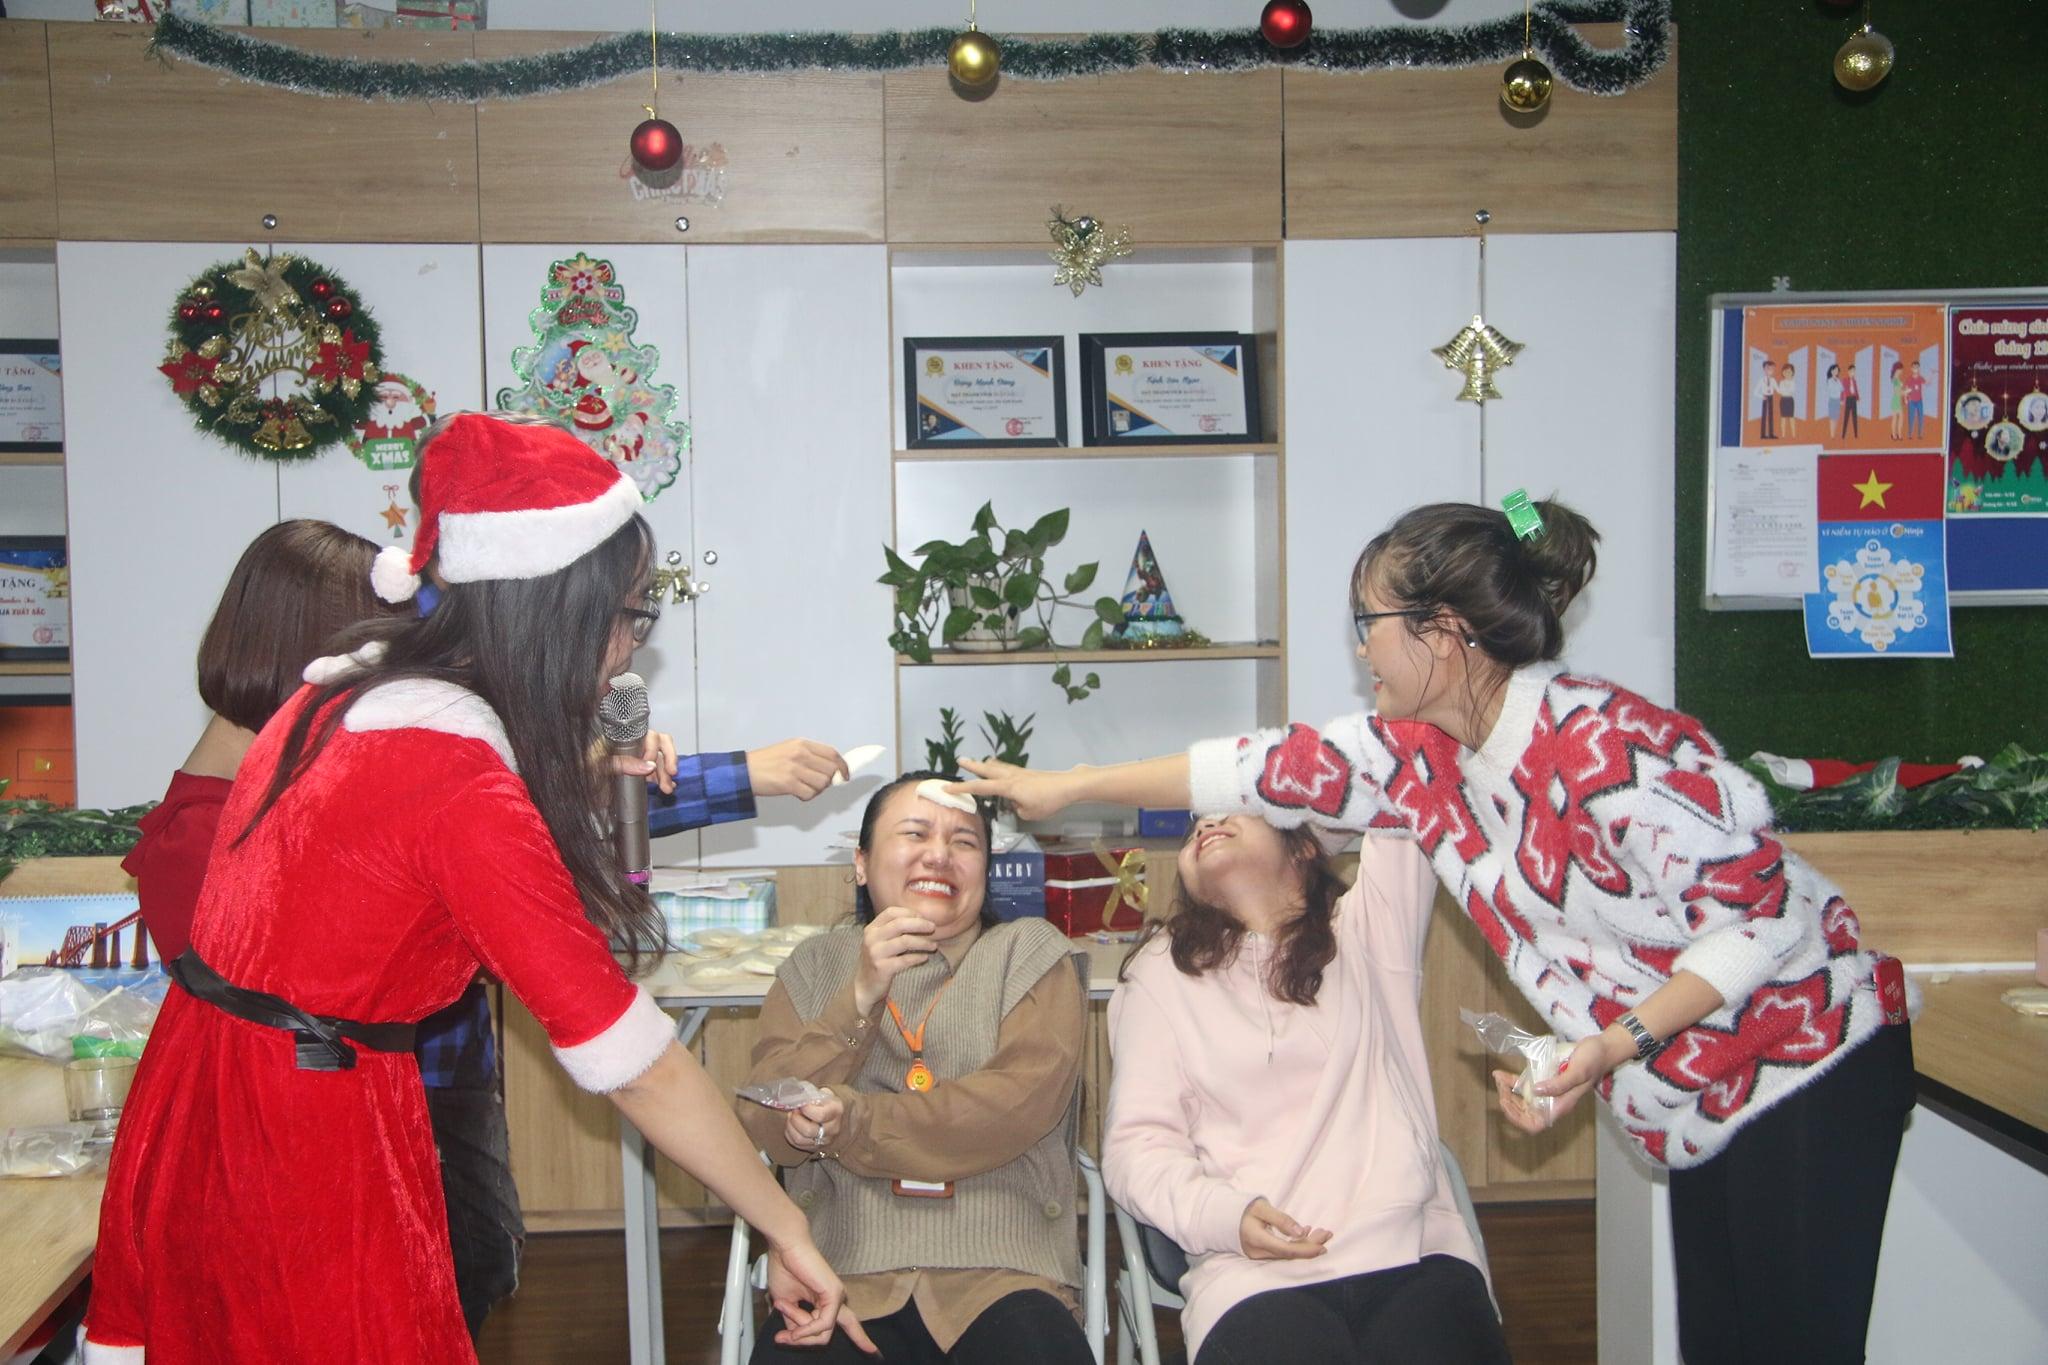 sinh nhat thanh vien thang 12.8pg Tháng 12 ấm áp và nhiều niềm vui với đại tiệc cuối năm